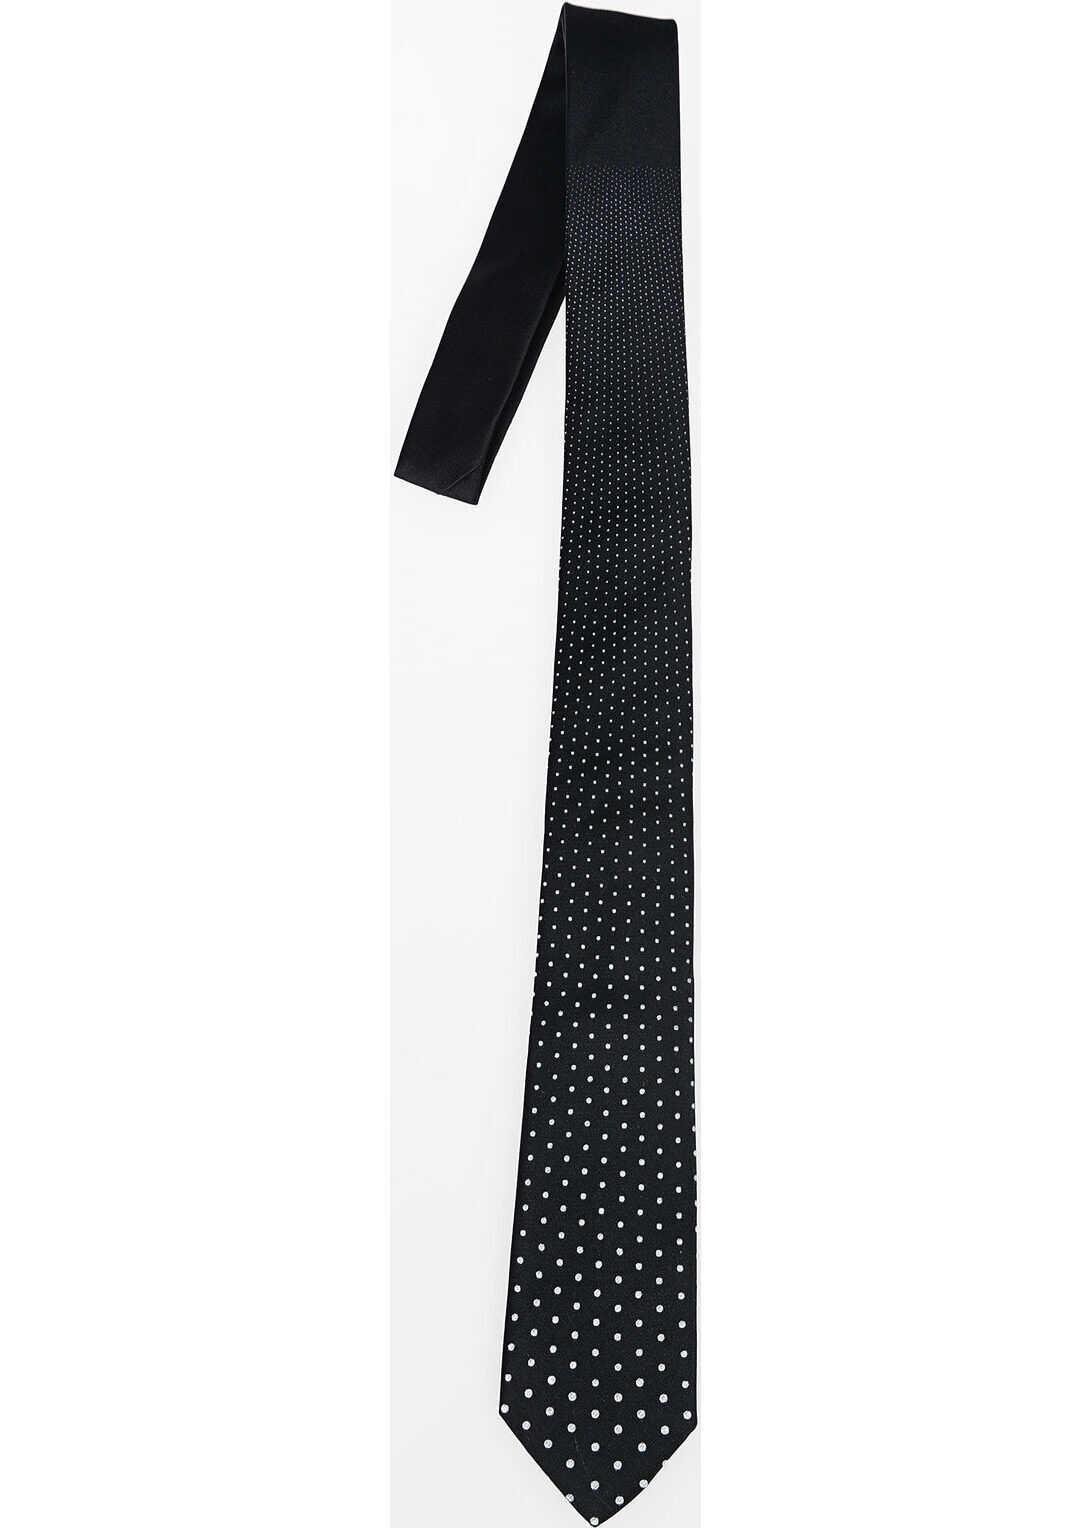 Neil Barrett Slim Tie with Dots BLACK